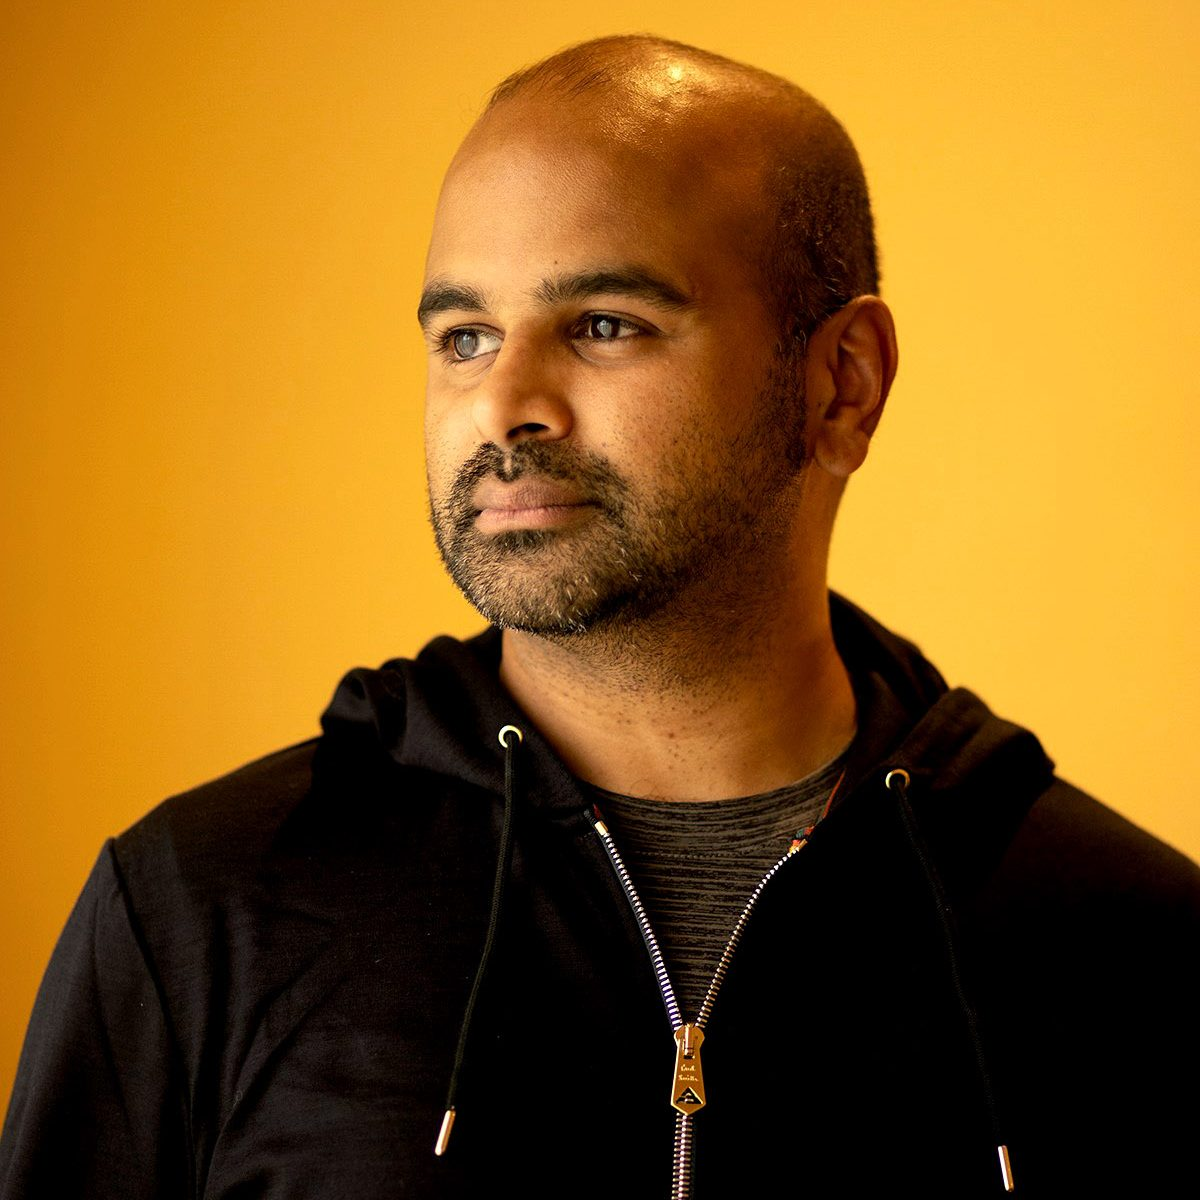 Vijay Palaparty